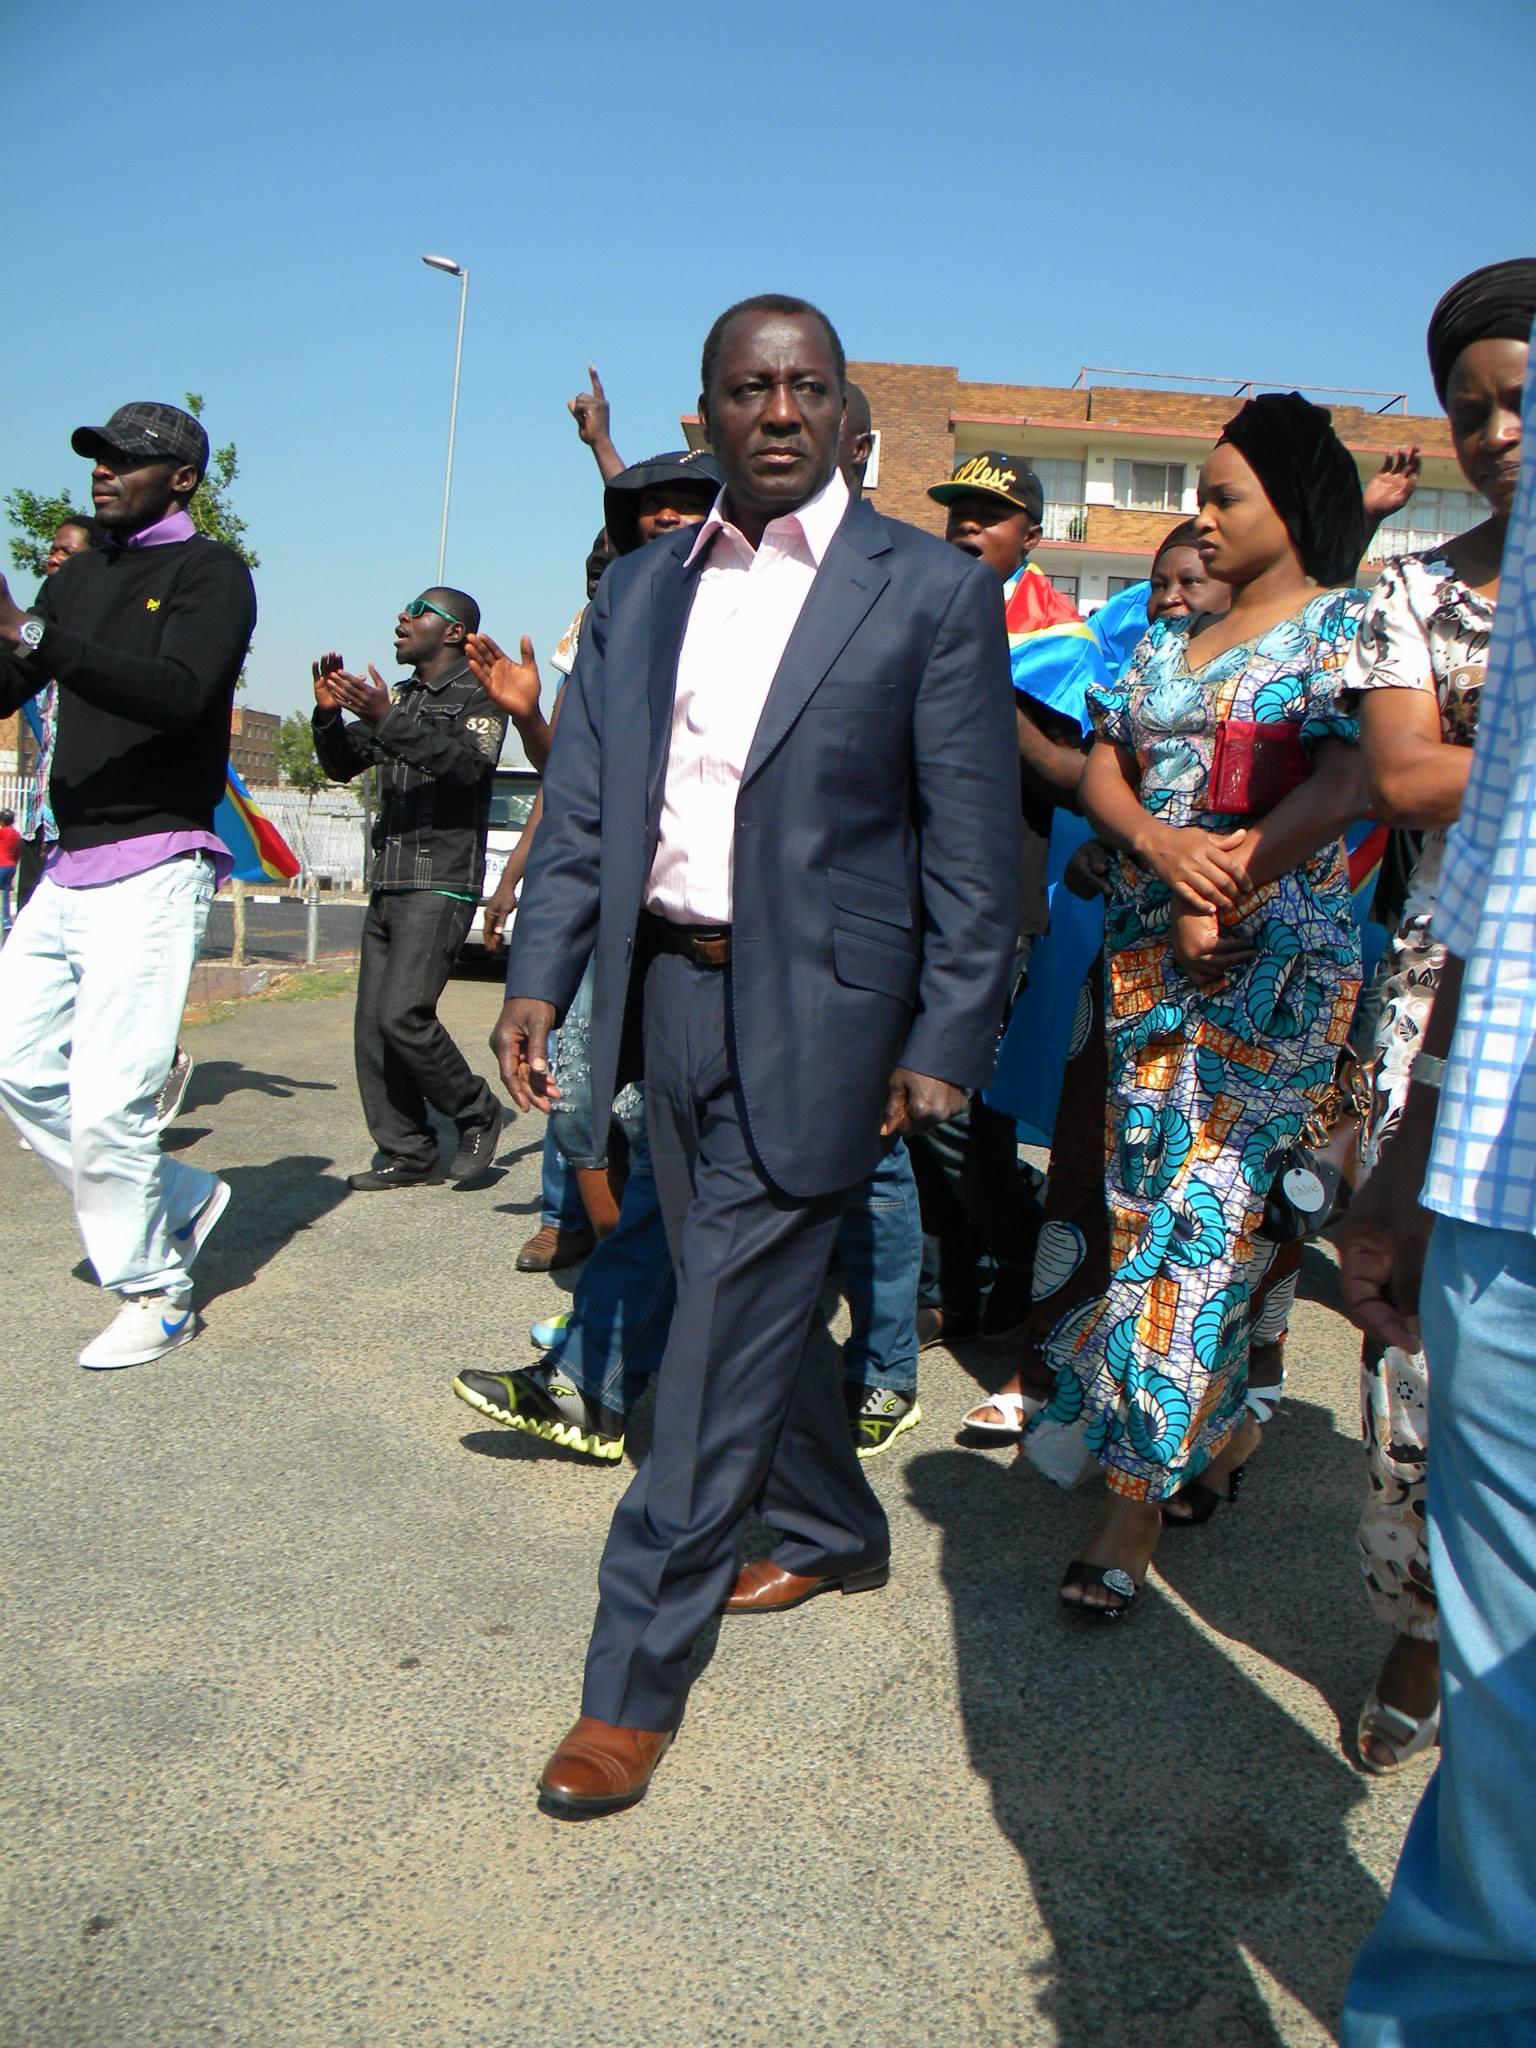 Le Prophète sort victorieux du procès qui l'oppose au gouvernement congolais.